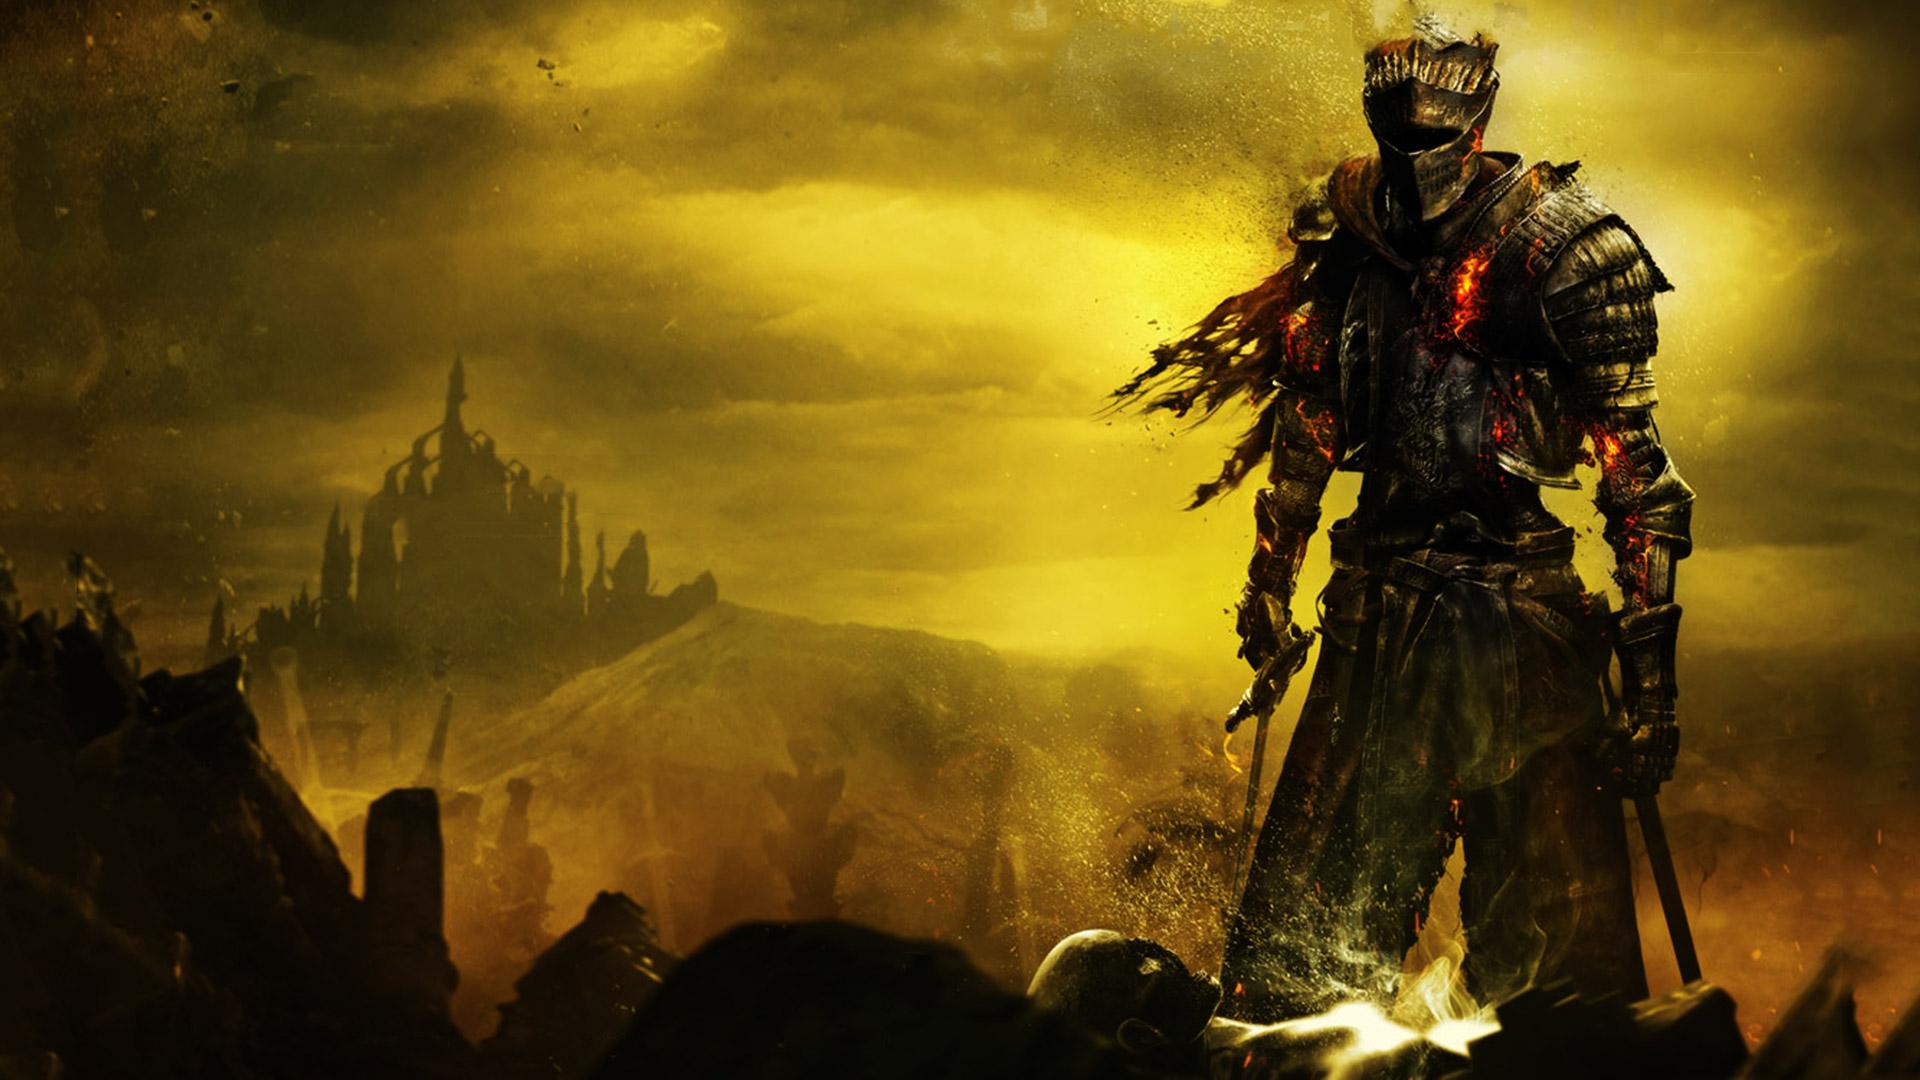 Dark Souls III 1920x1080 1920x1080